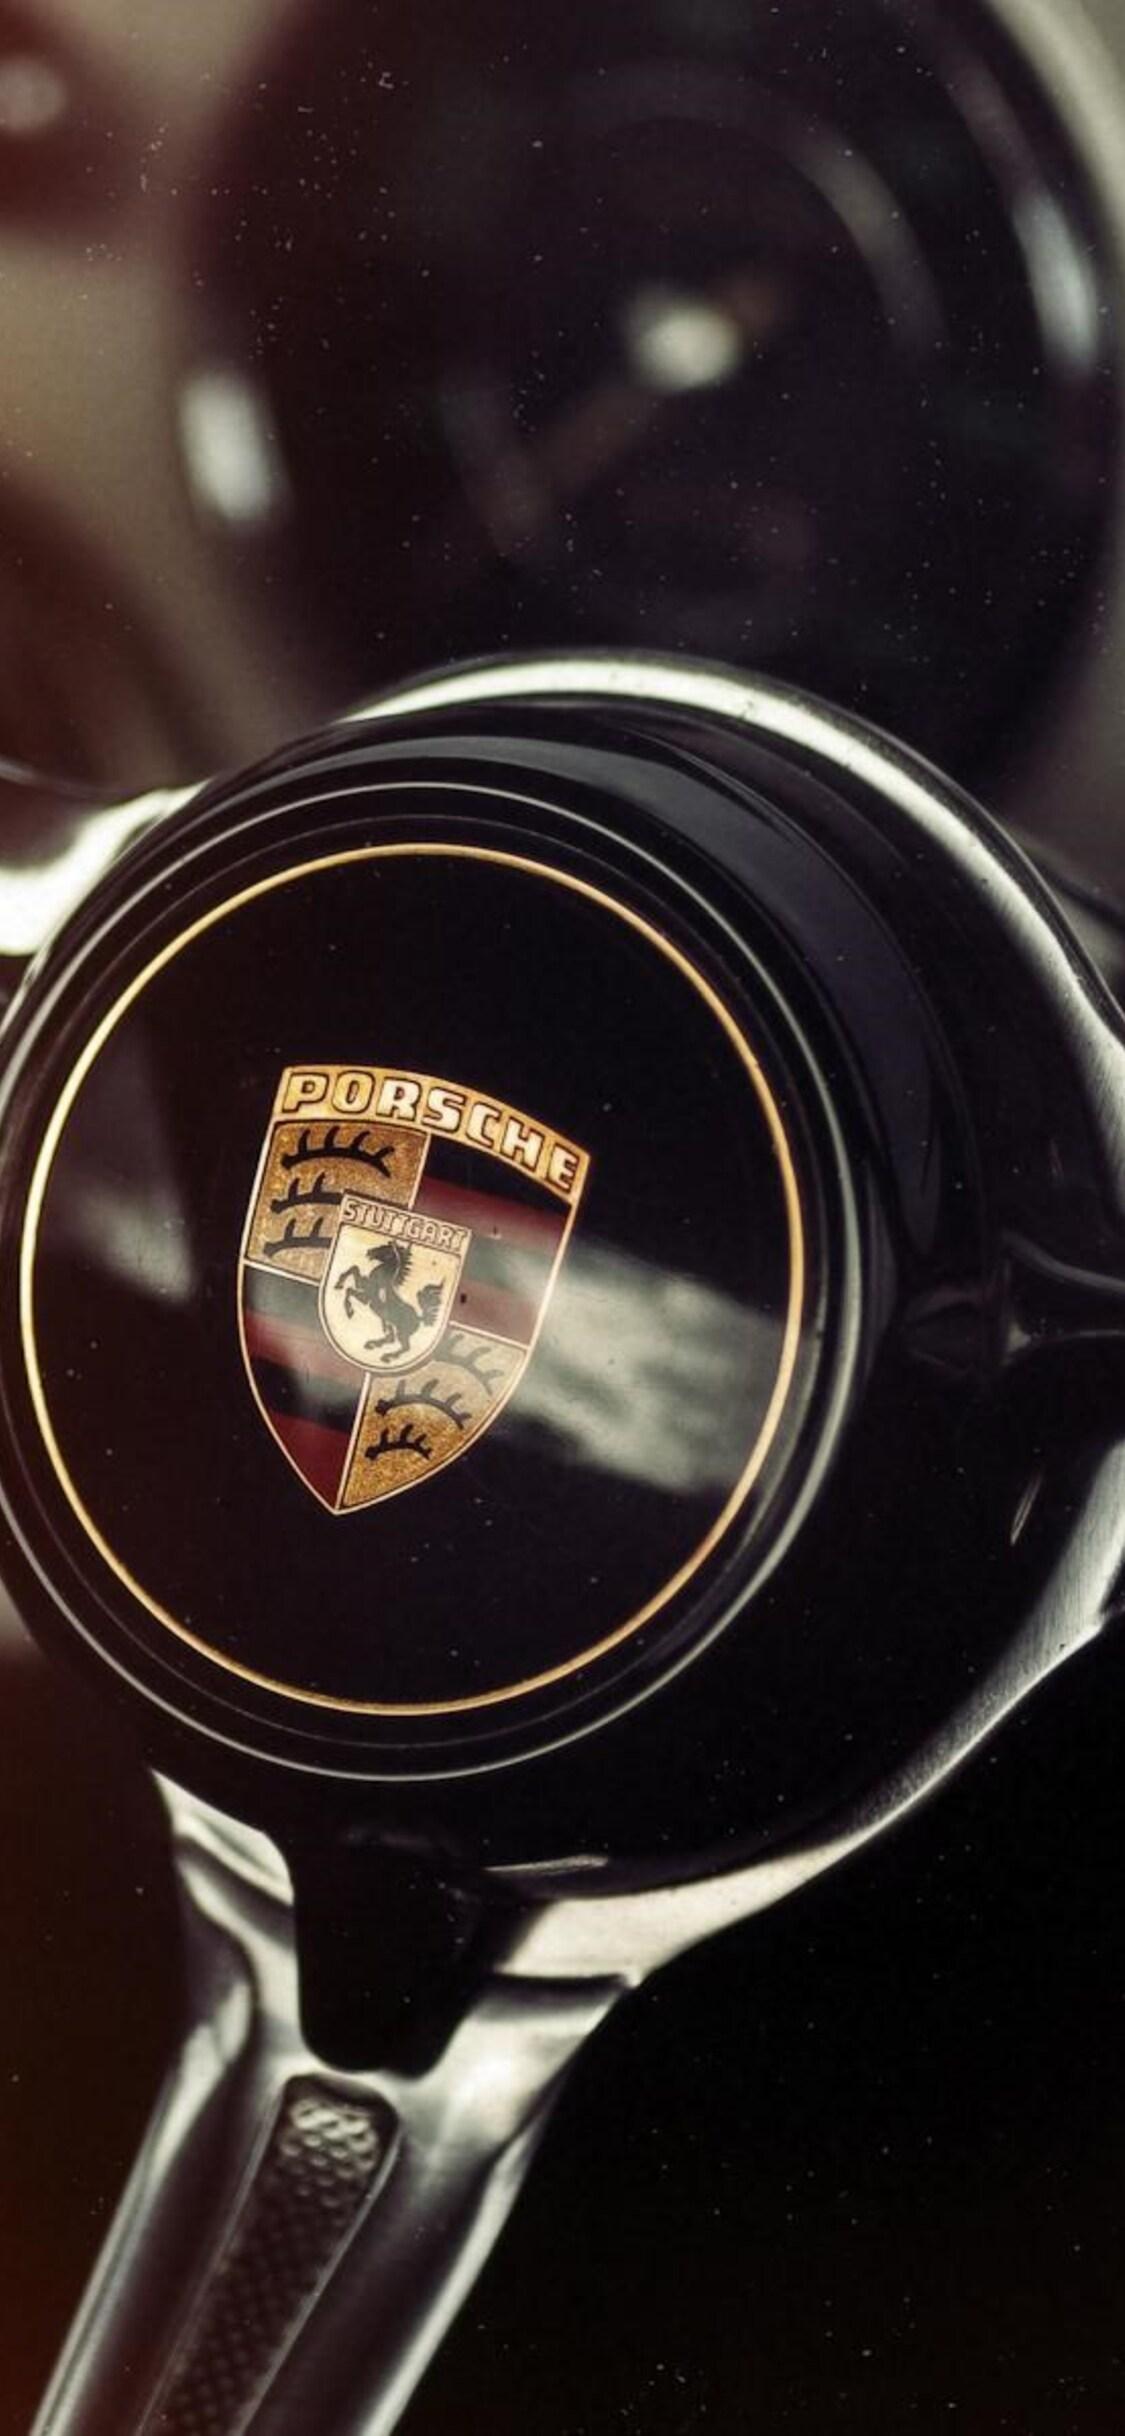 1125x2436 Porsche Car Steering Iphone XS,Iphone 10,Iphone ...